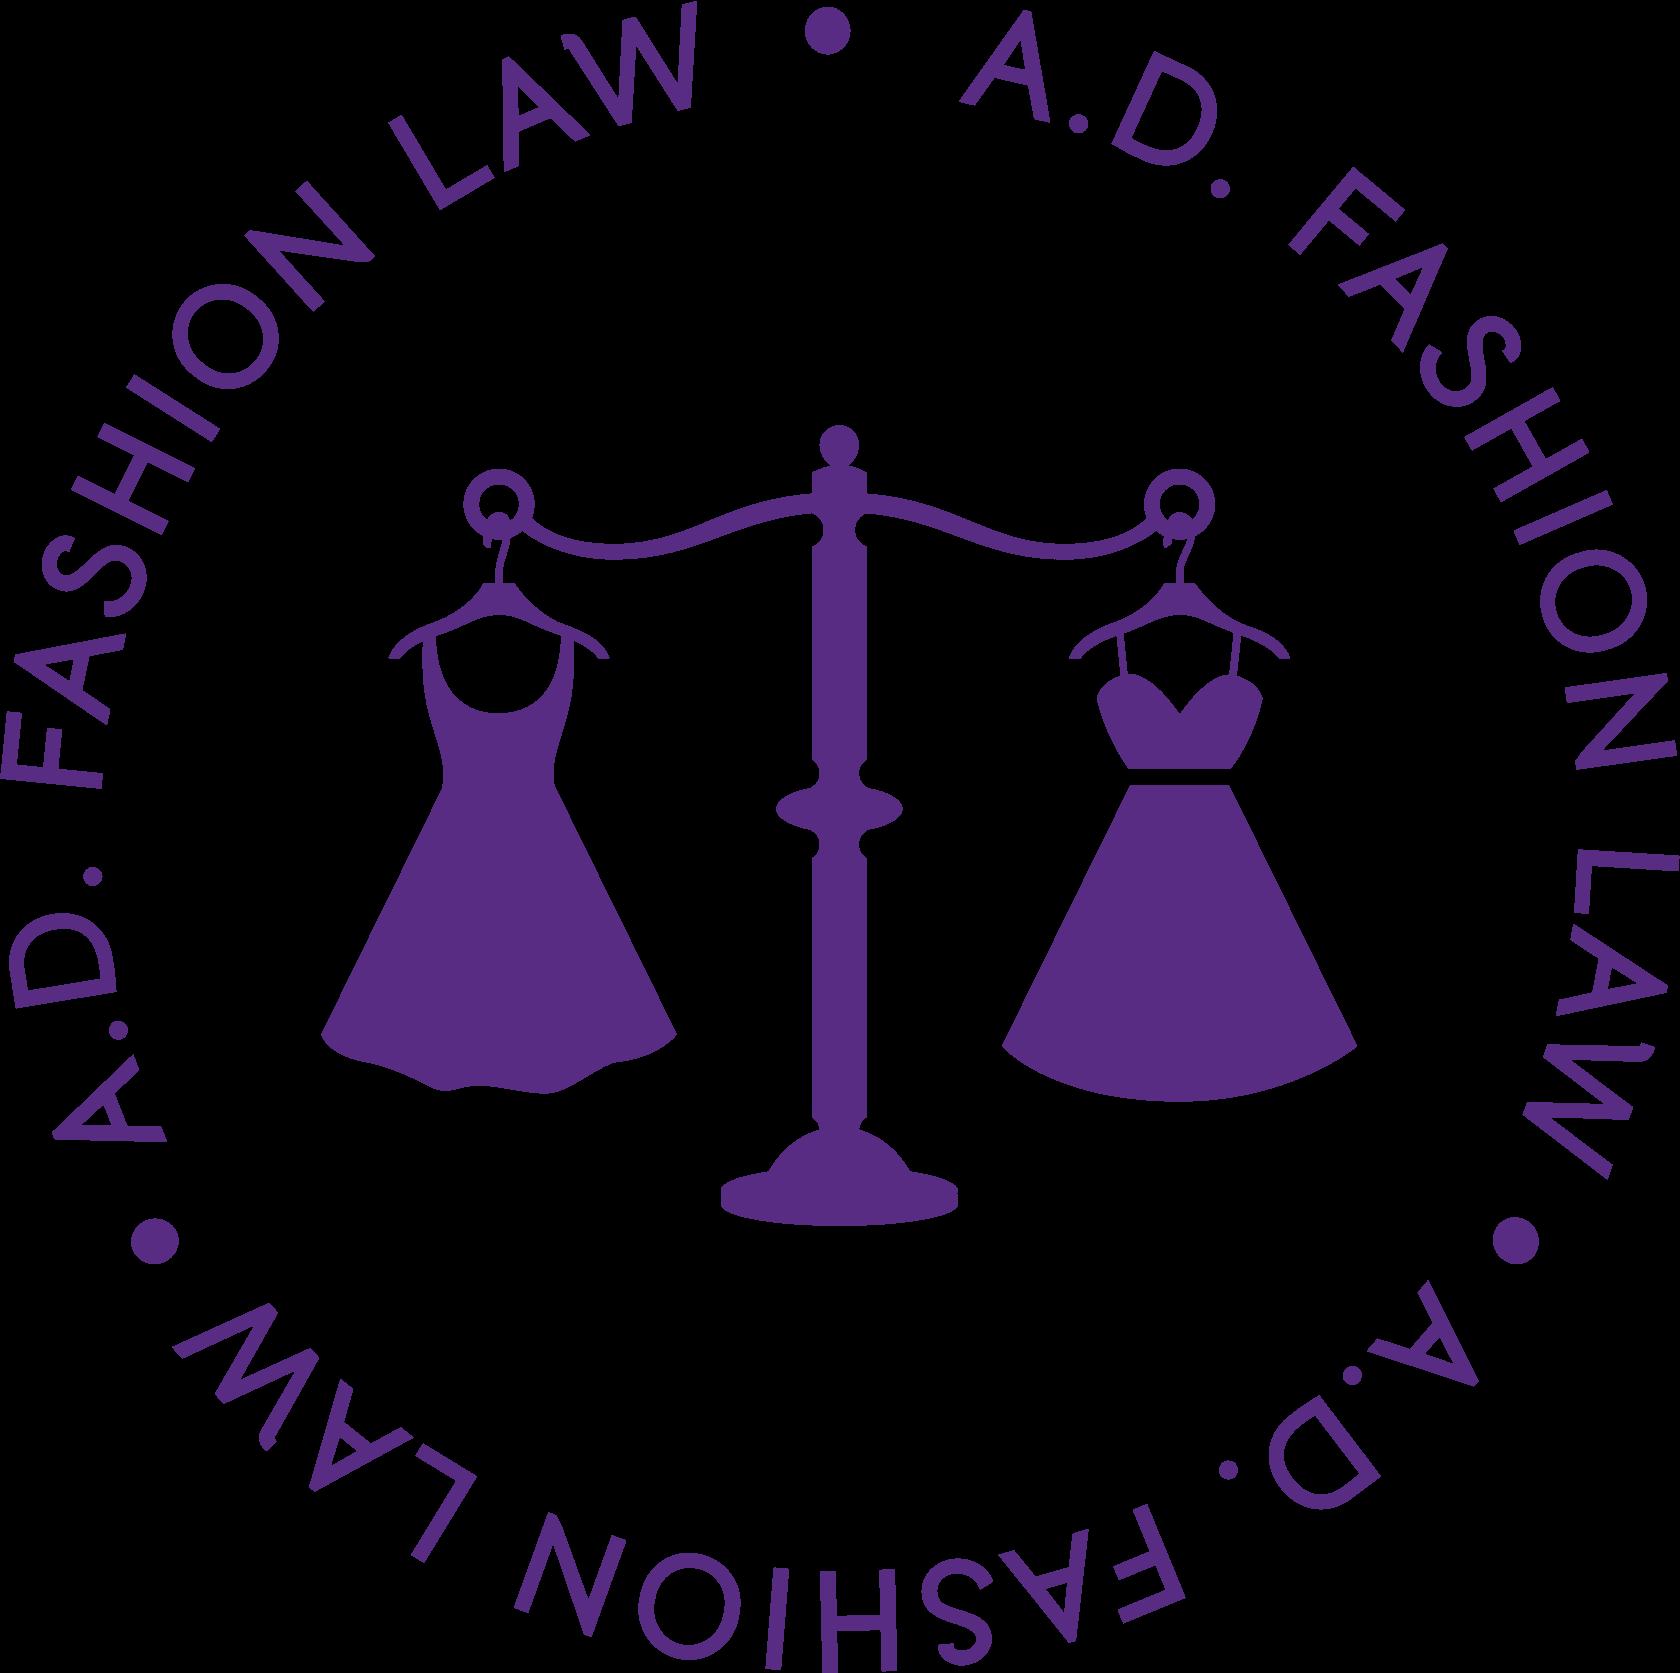 AD FASHION LAW